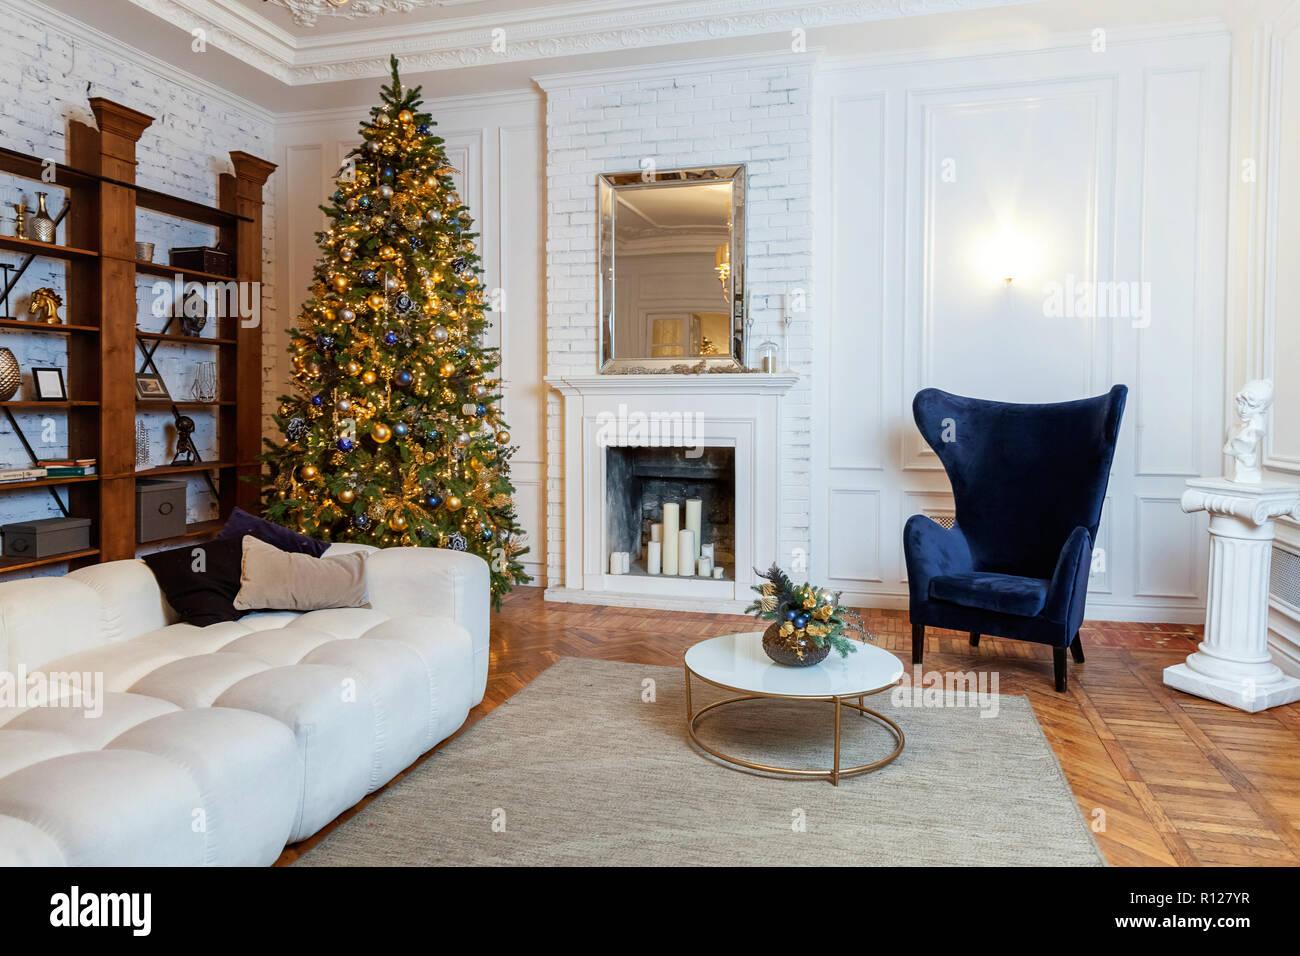 La Décoration De Noël Classique Chambre Intérieure (Nouvel An Des Arbres.  Arbre De Noël Avec Des Décorations Du0027or. Style Classique Blanc Moderne  Appartement ...